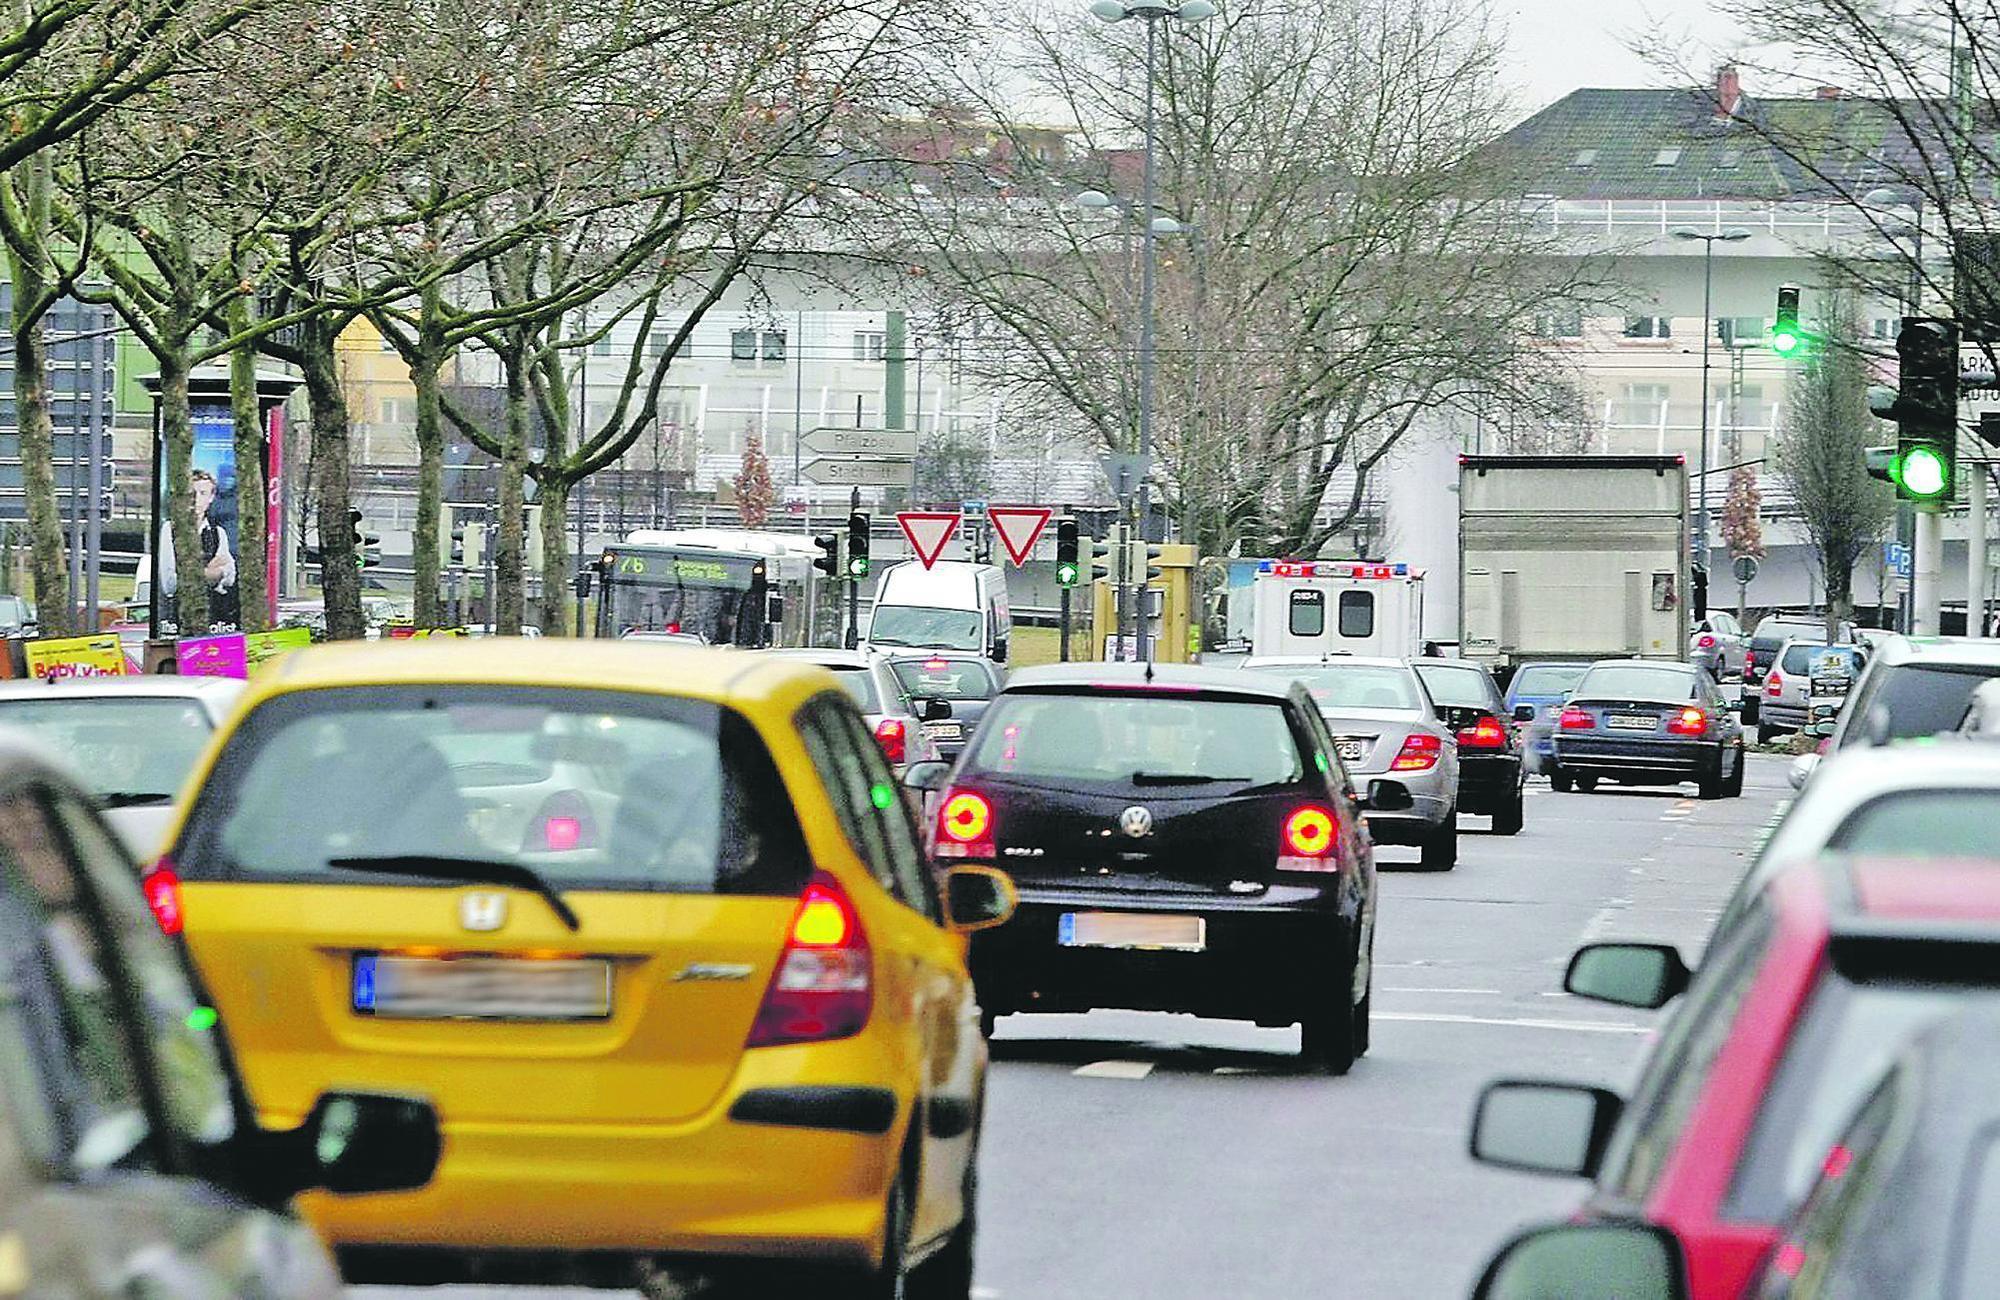 Der Autoverkehr wird als Hauptursache für die hohe Stickoxidbelastung in der Heinigstraße eingestuft.